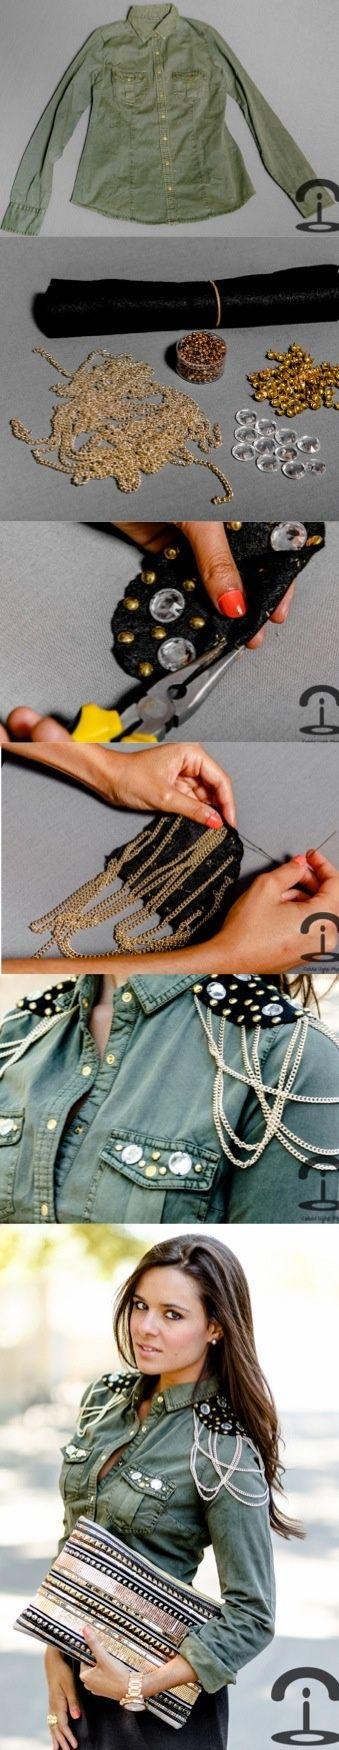 DIY Crimenes de la Moda - Military shirt - Camisa militar - chain - embellished - cadenas - gold - dorado